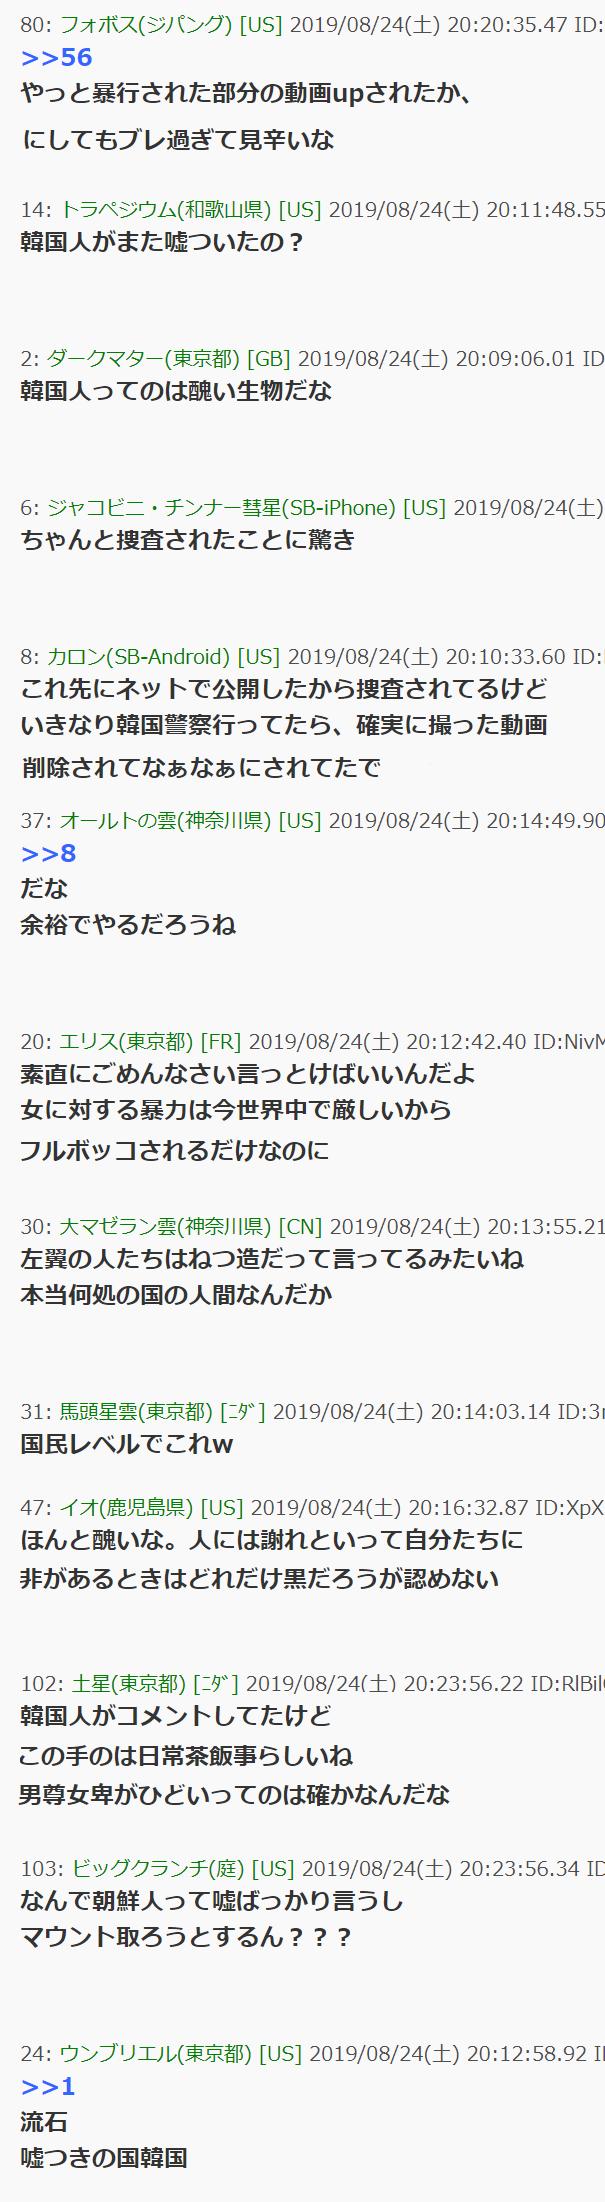 35のチョンが日本人女子のナンパに失敗して暴言&暴行8